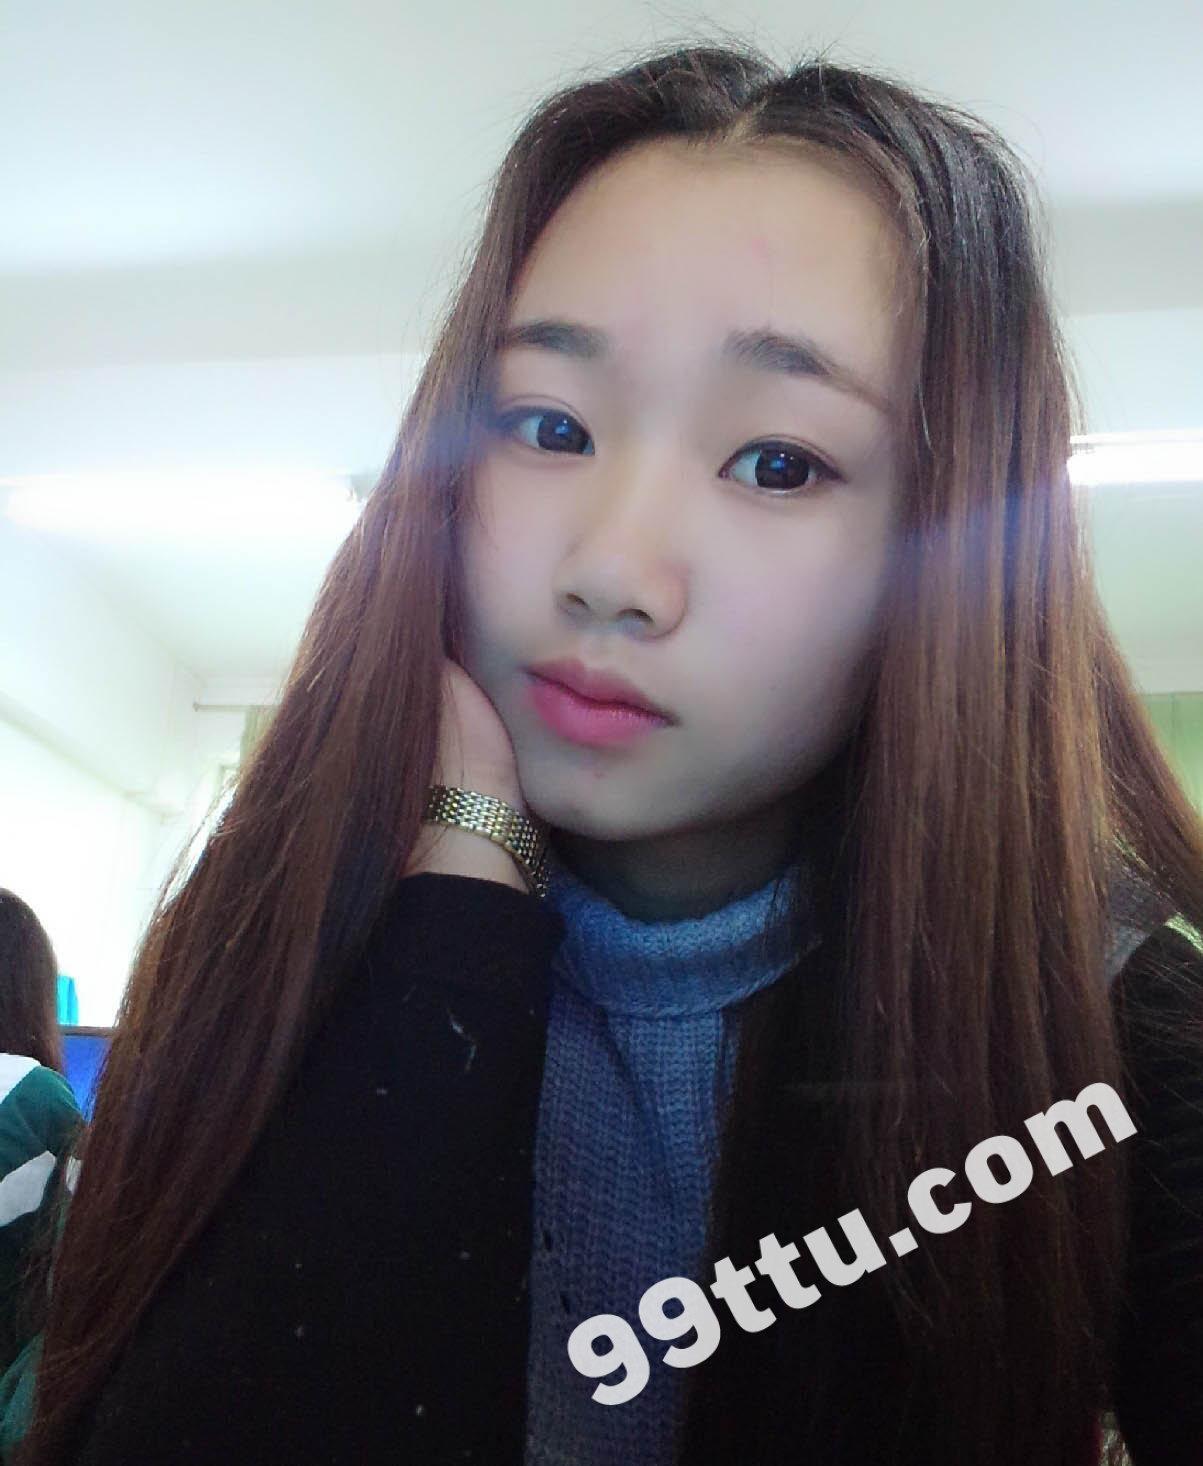 KK75_106张 超真实美女朋友圈生活照素材-8